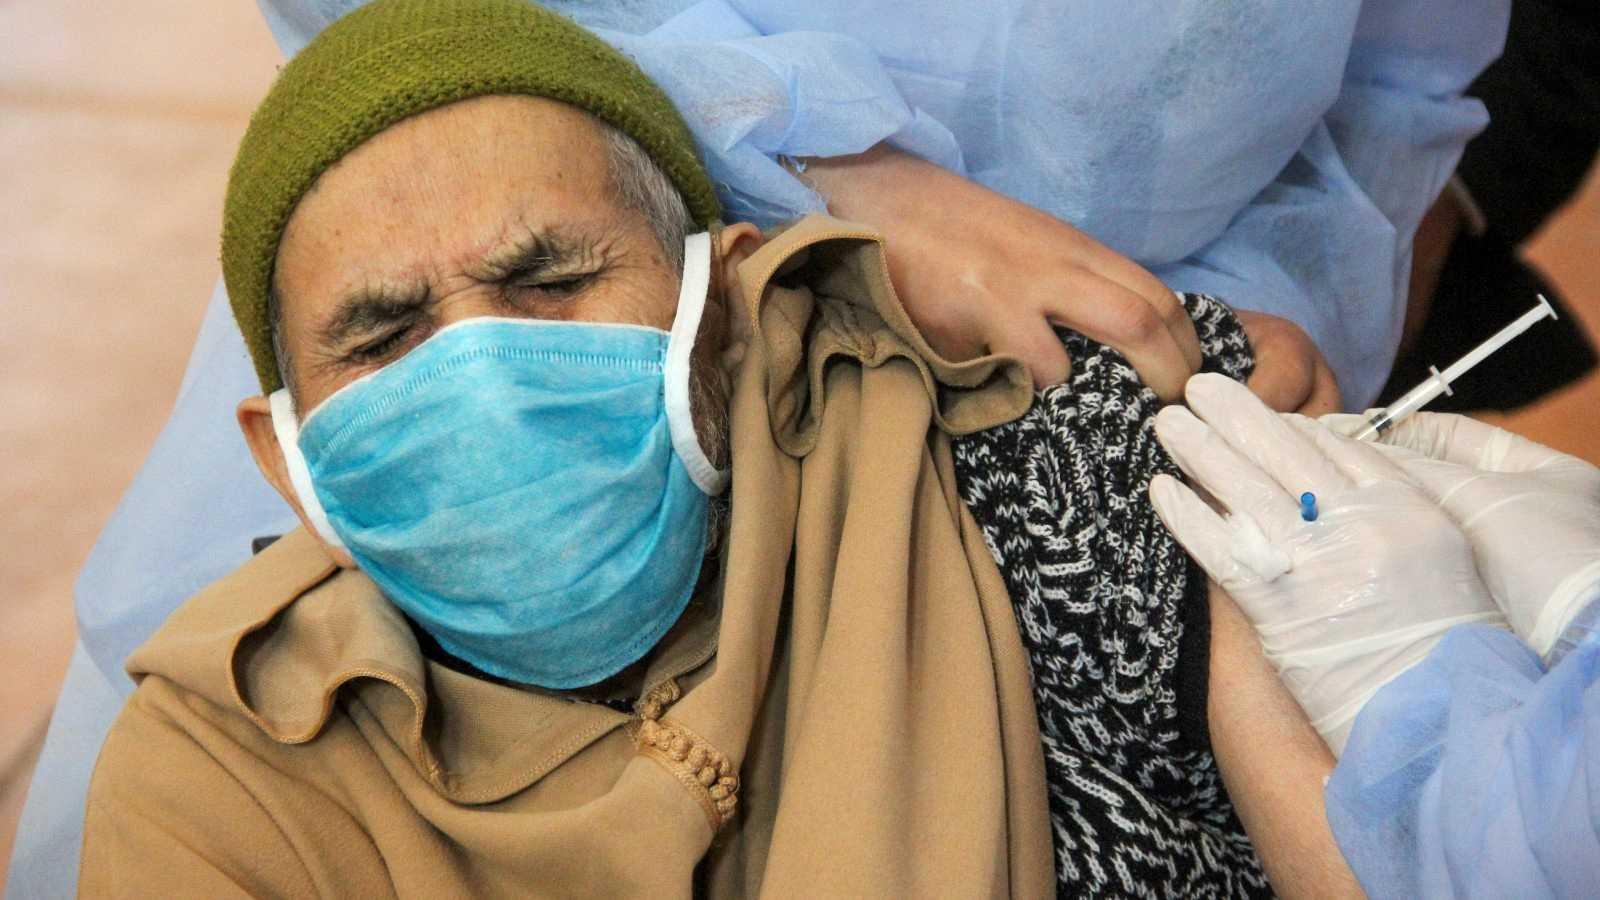 Un anciano recibe la vacuna contra la COVID-19 en Salé, Marruecos